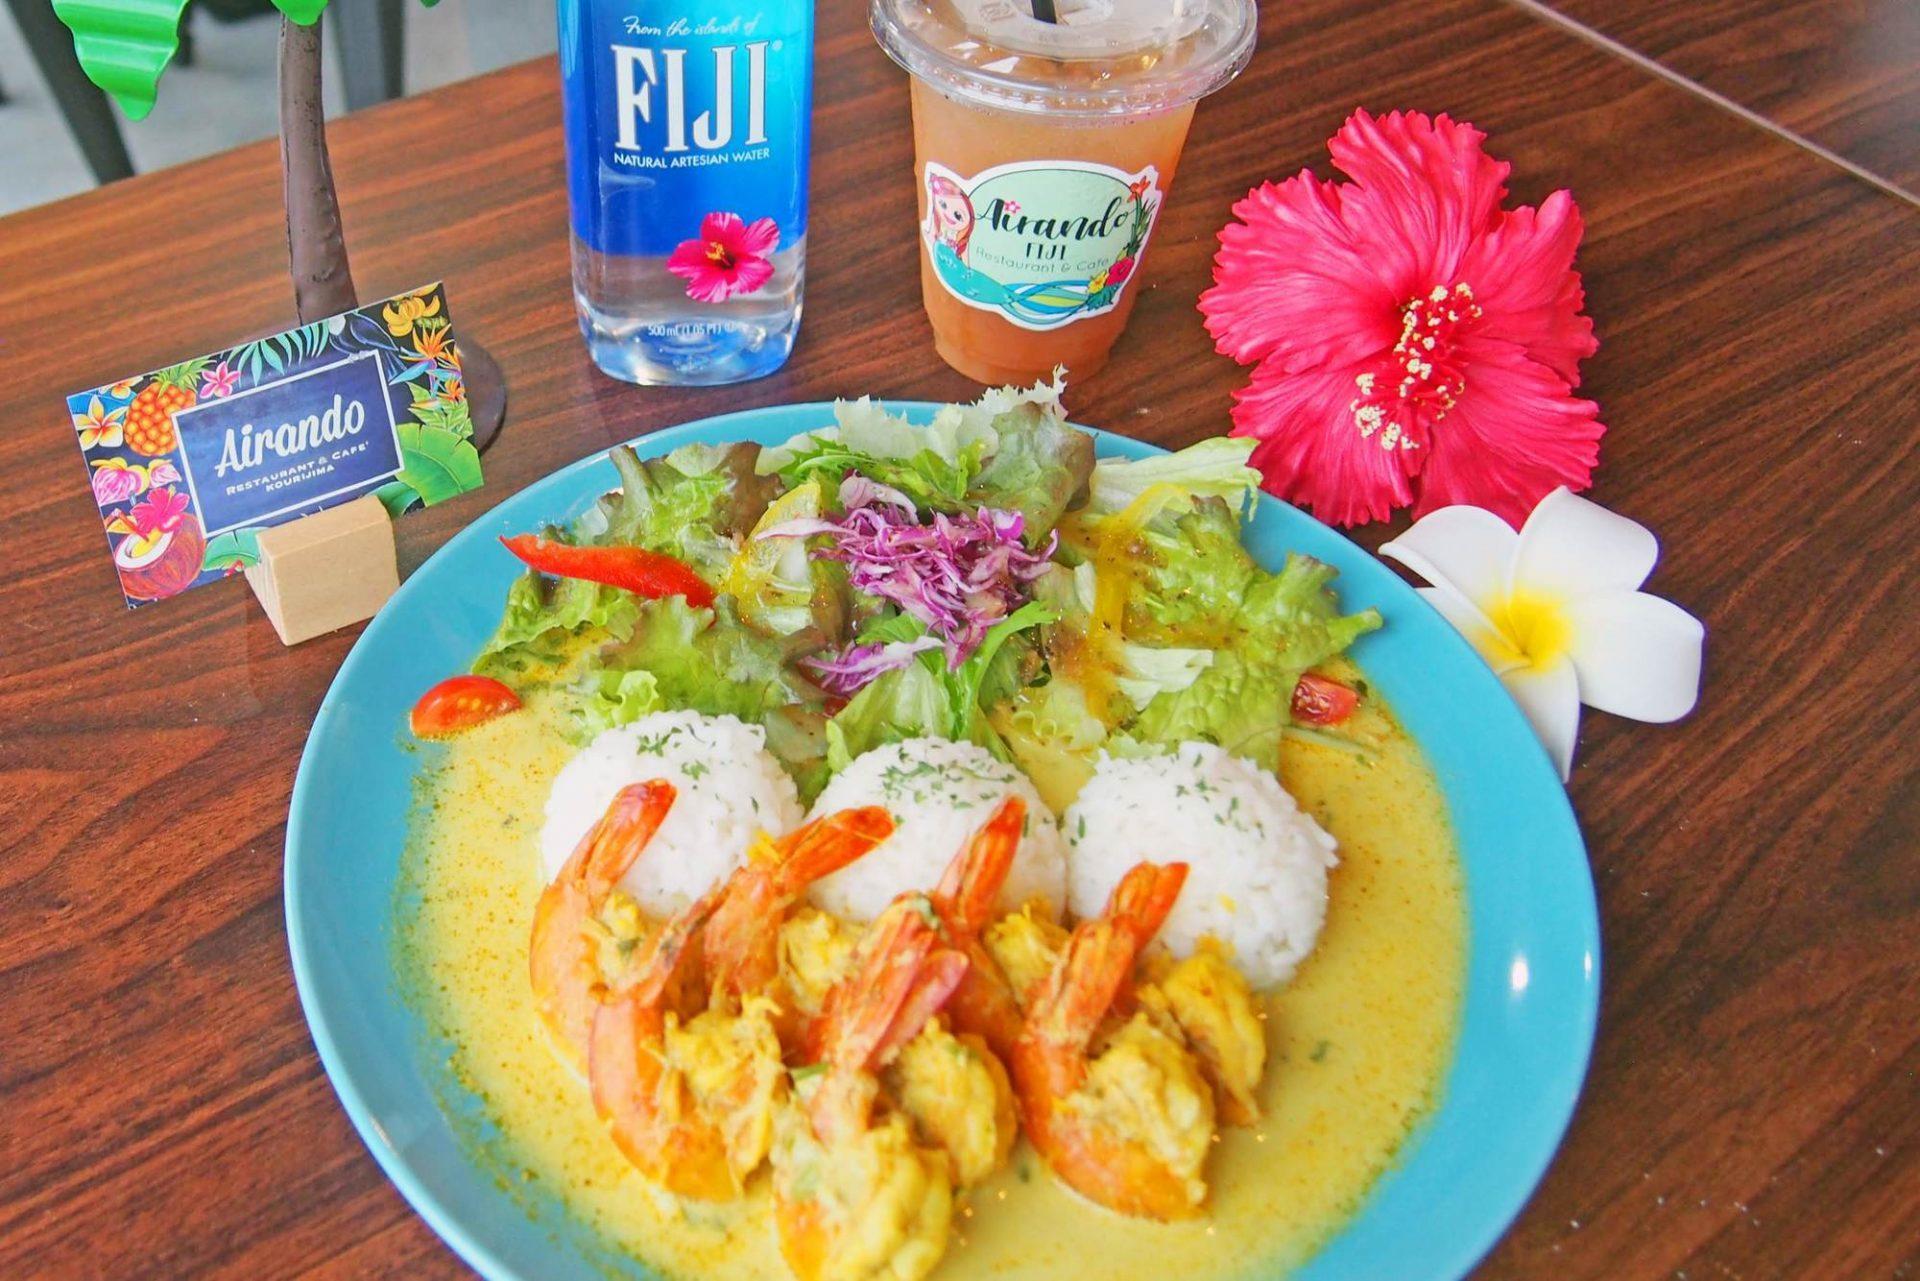 古宇利島のフィジー料理レストランで味わう青い海と絶品ランチ「Airando」